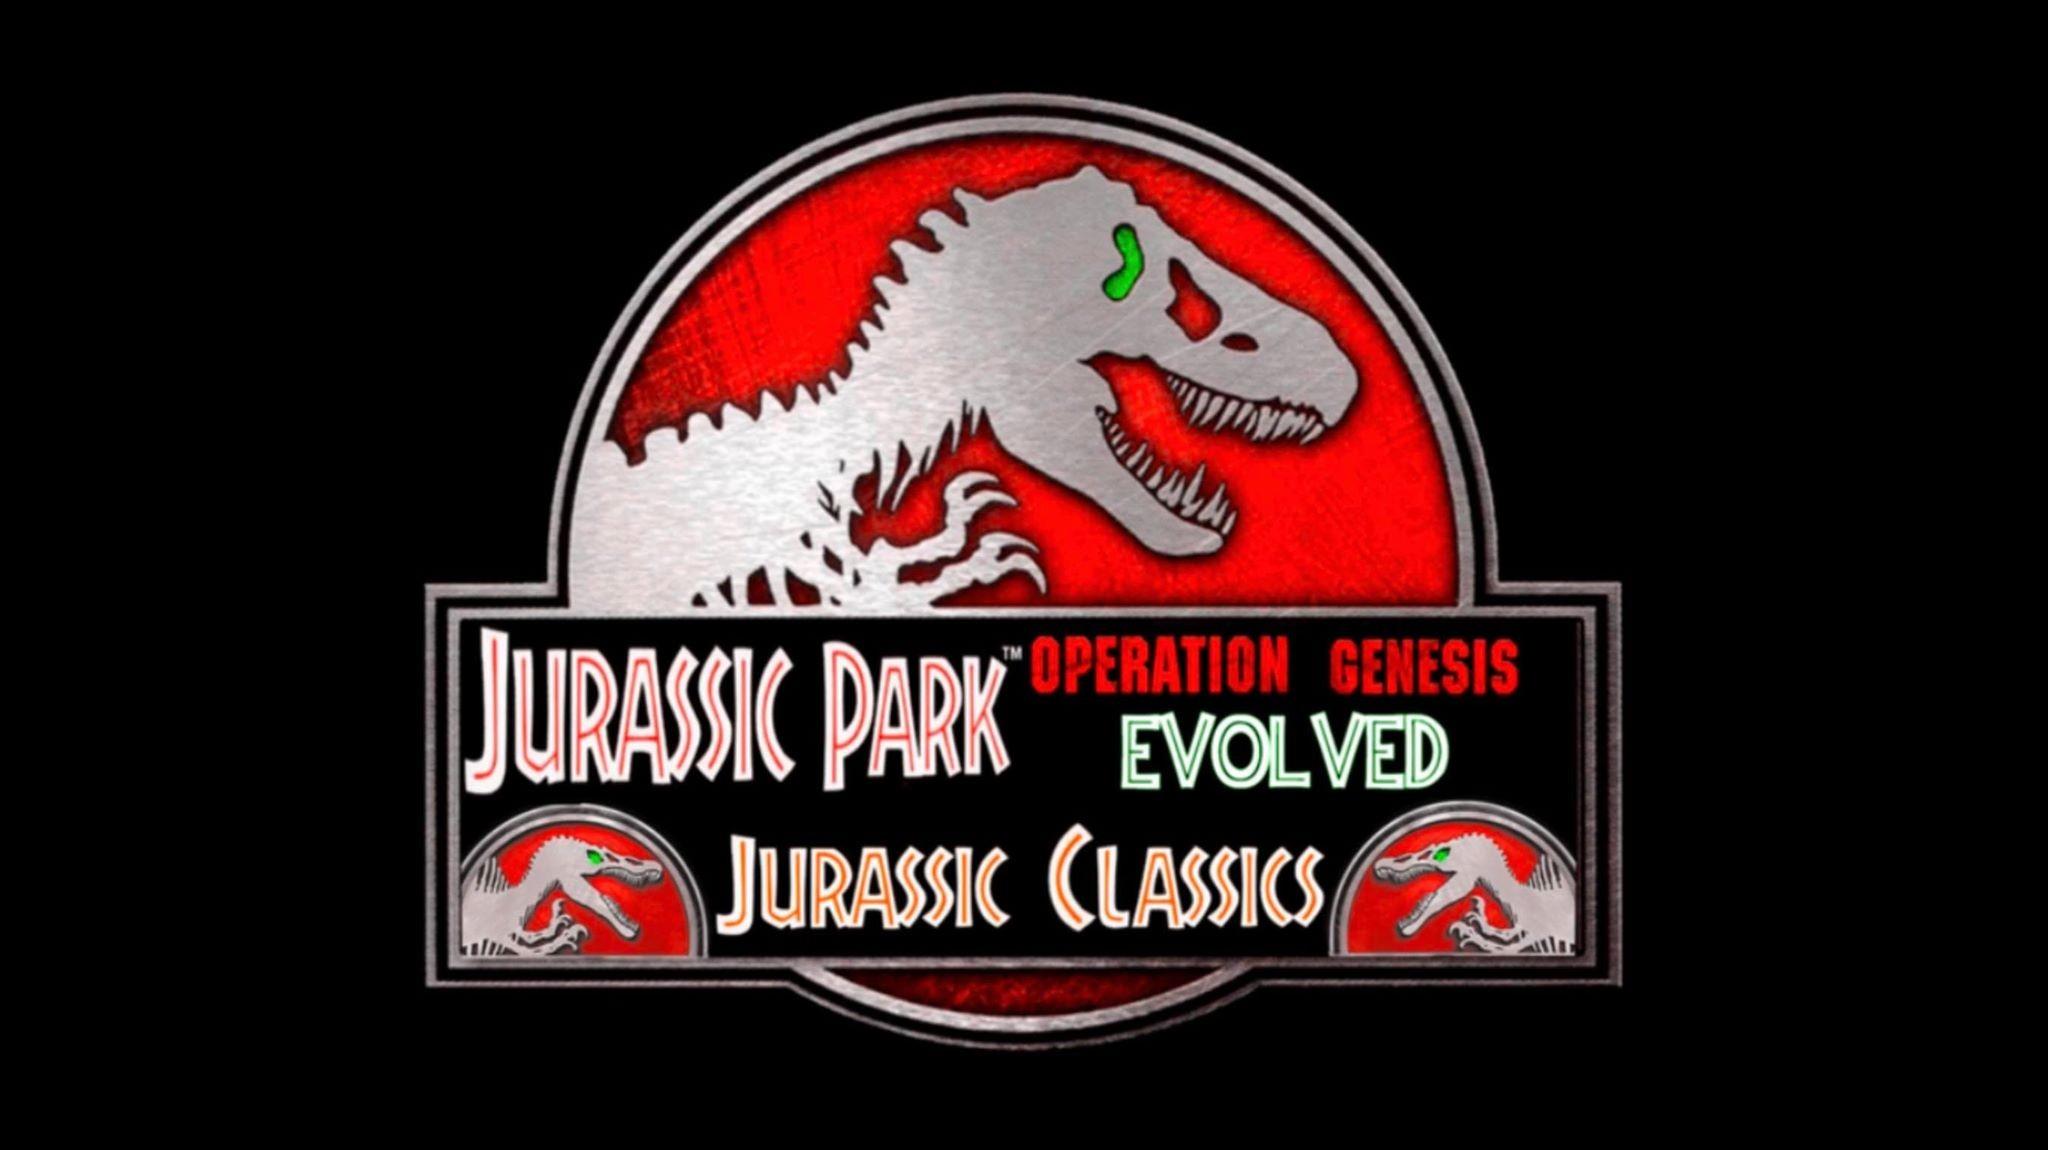 JPOG Evolved Jurassic classics